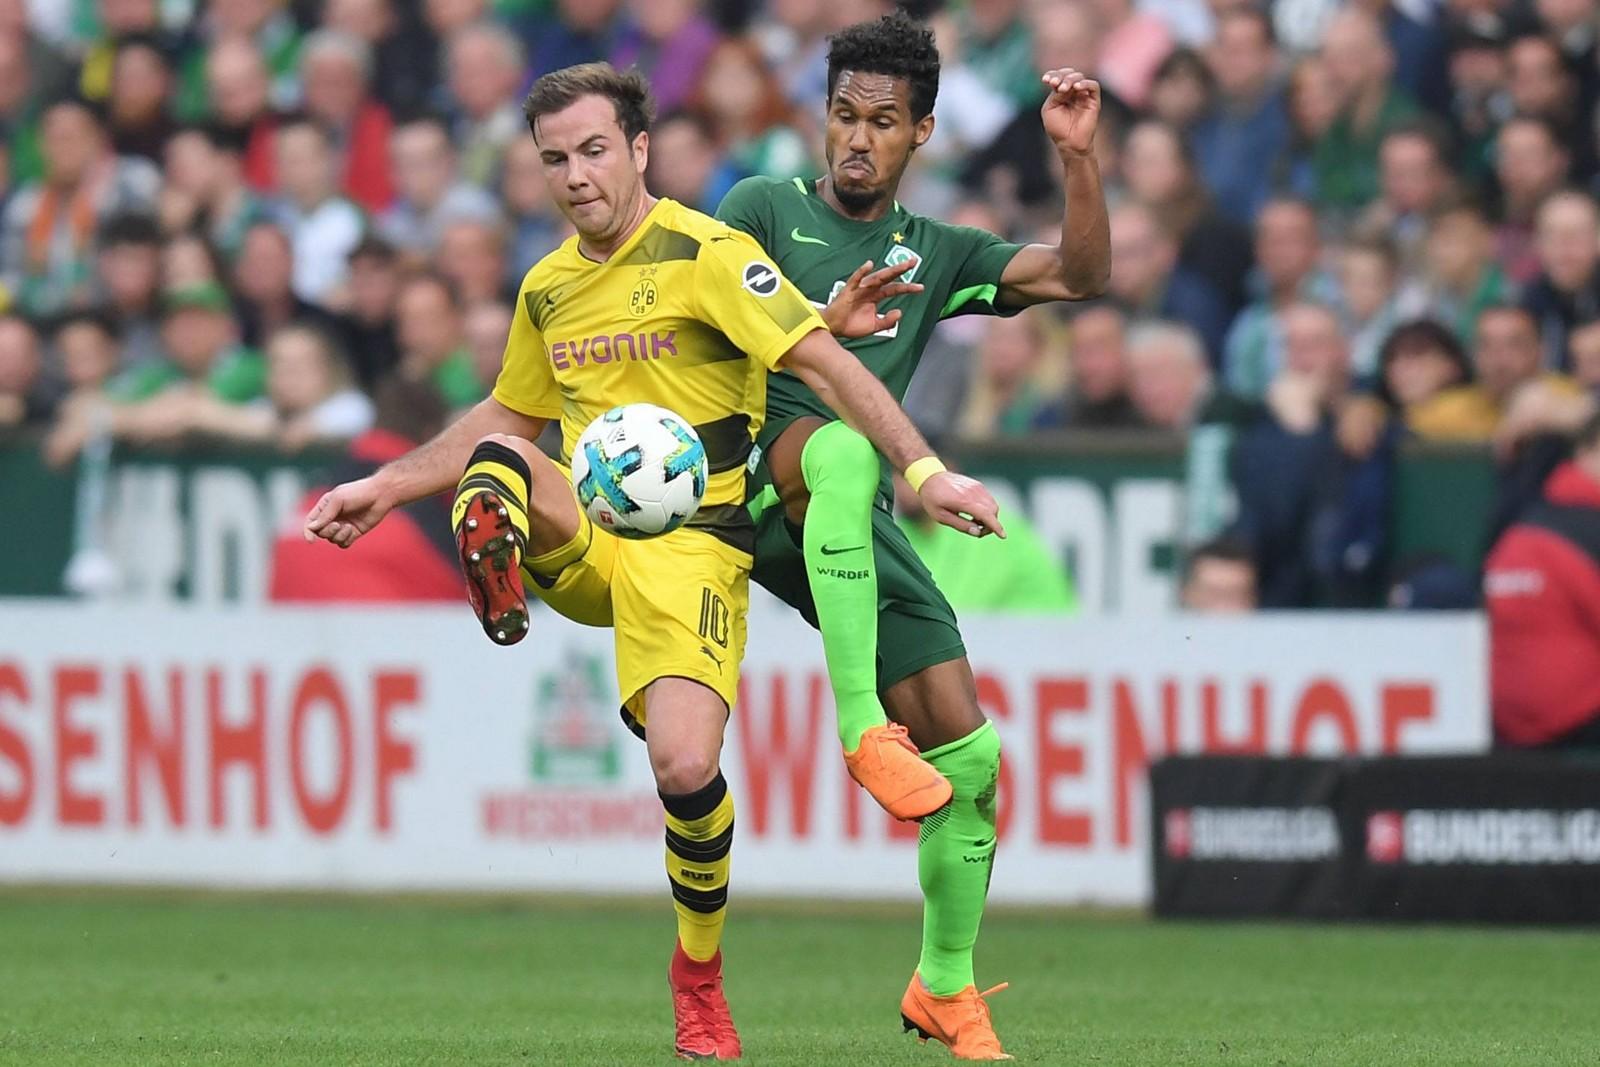 Schlägt Mario Götze mit dem BVB auch Werder? Jetzt auf Dortmund gegen Bremen wetten!